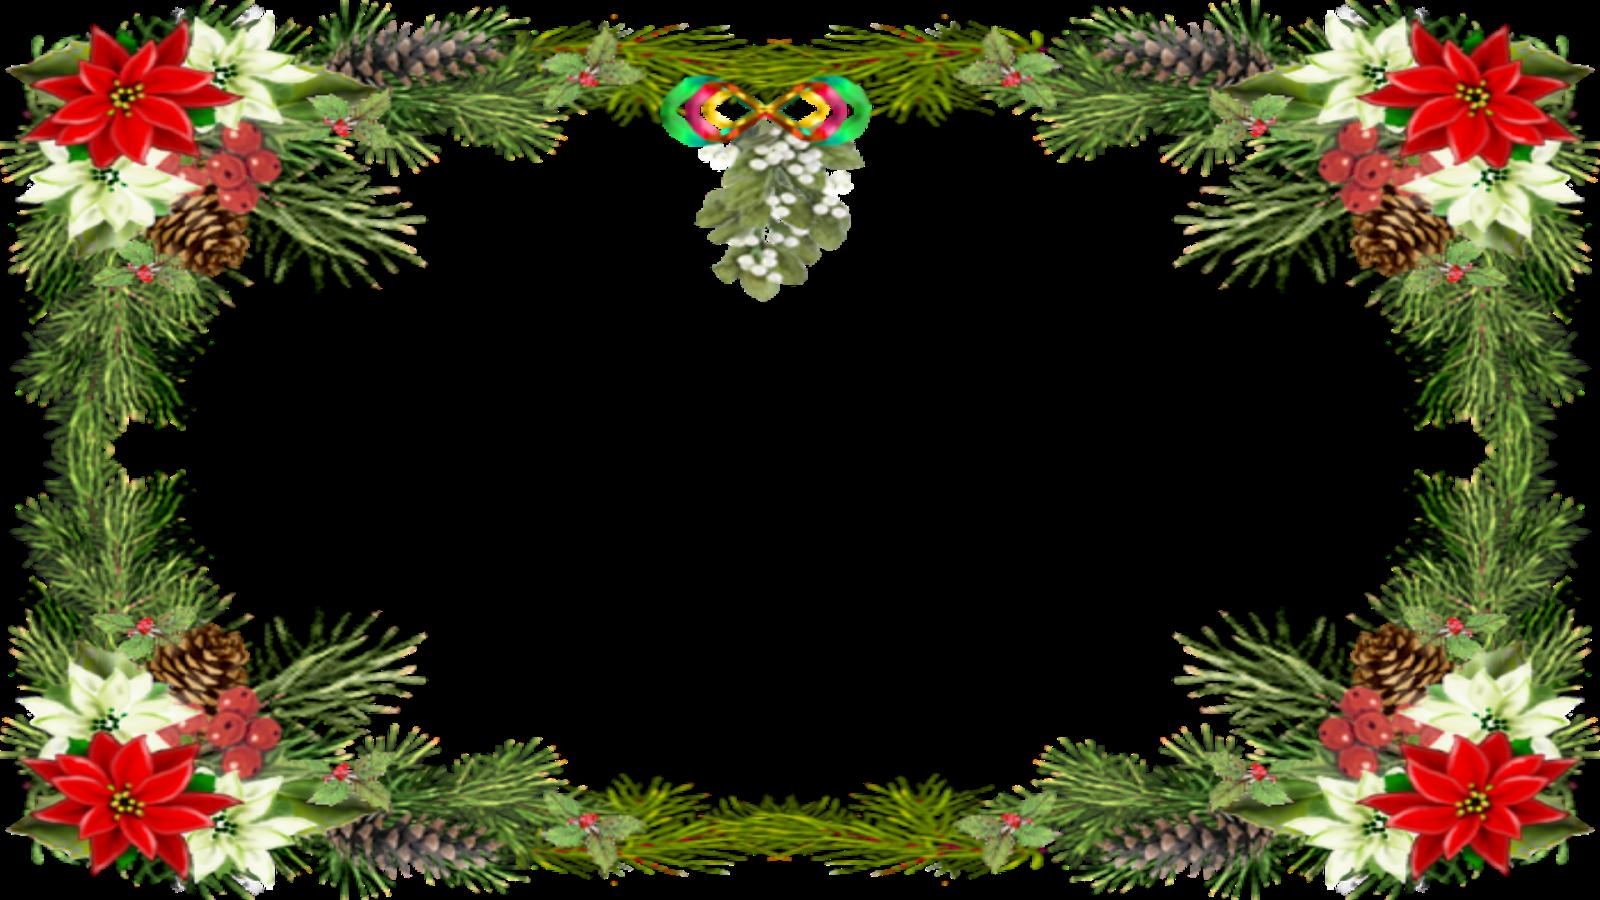 ChristmasFrame_grinalda 16x9 png